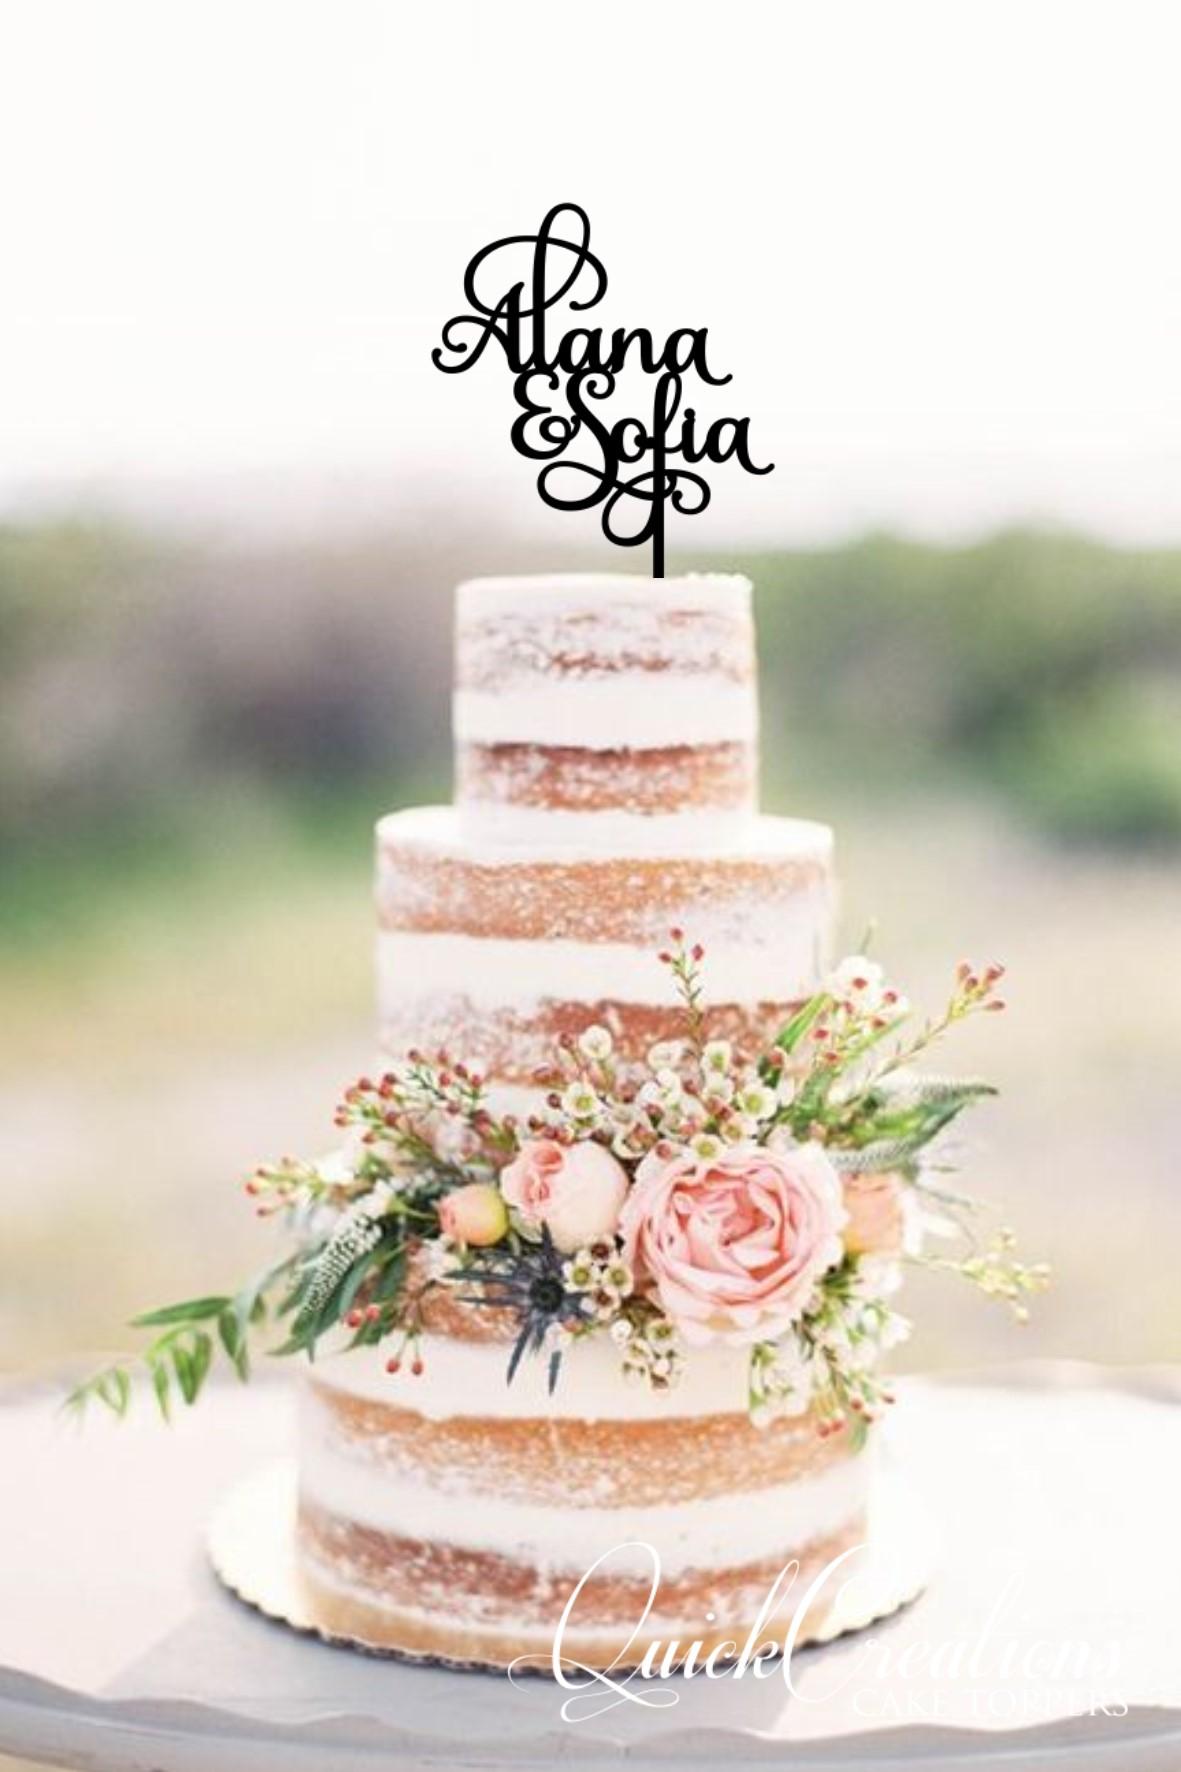 Quick Creations Cake Topper - Alana & Sofia